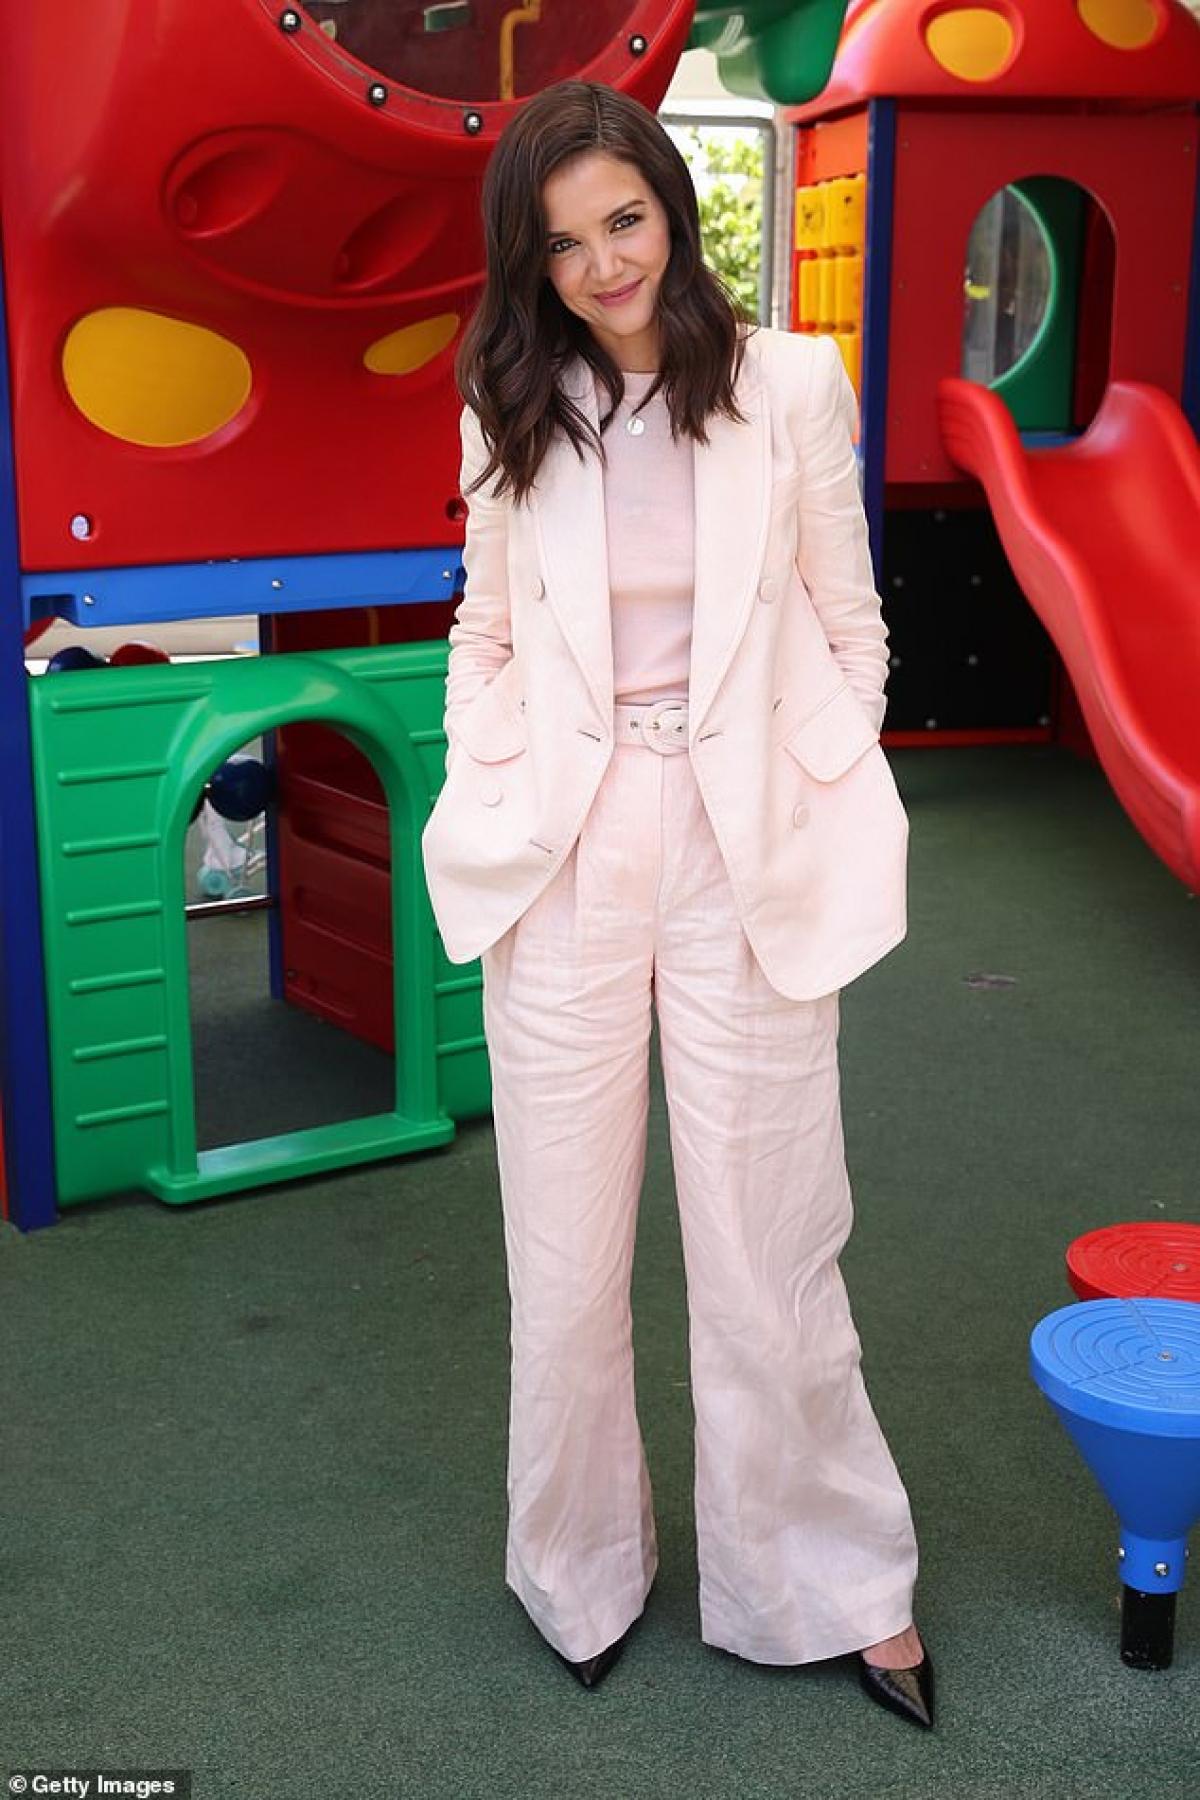 Katie Holmes cho biết, cô thấy hạnh phúc và hài lòng với cuộc sống hiện tại của mình./.